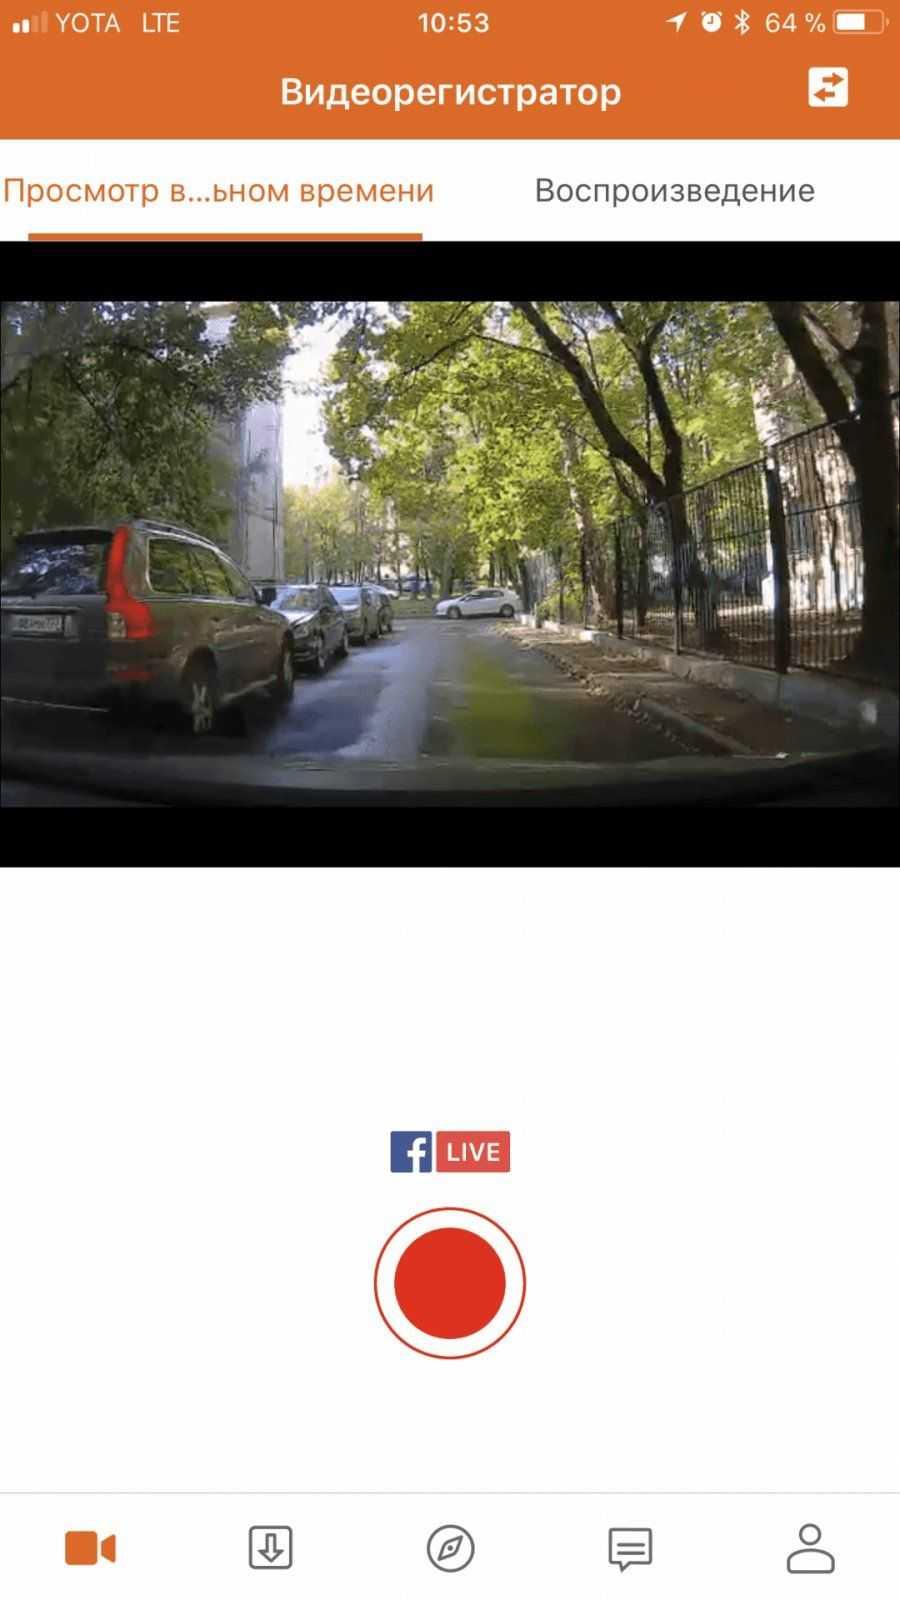 Дорожный свидетель. Обзор видеорегистратора Mio MiVue 786 (IMG 5144)